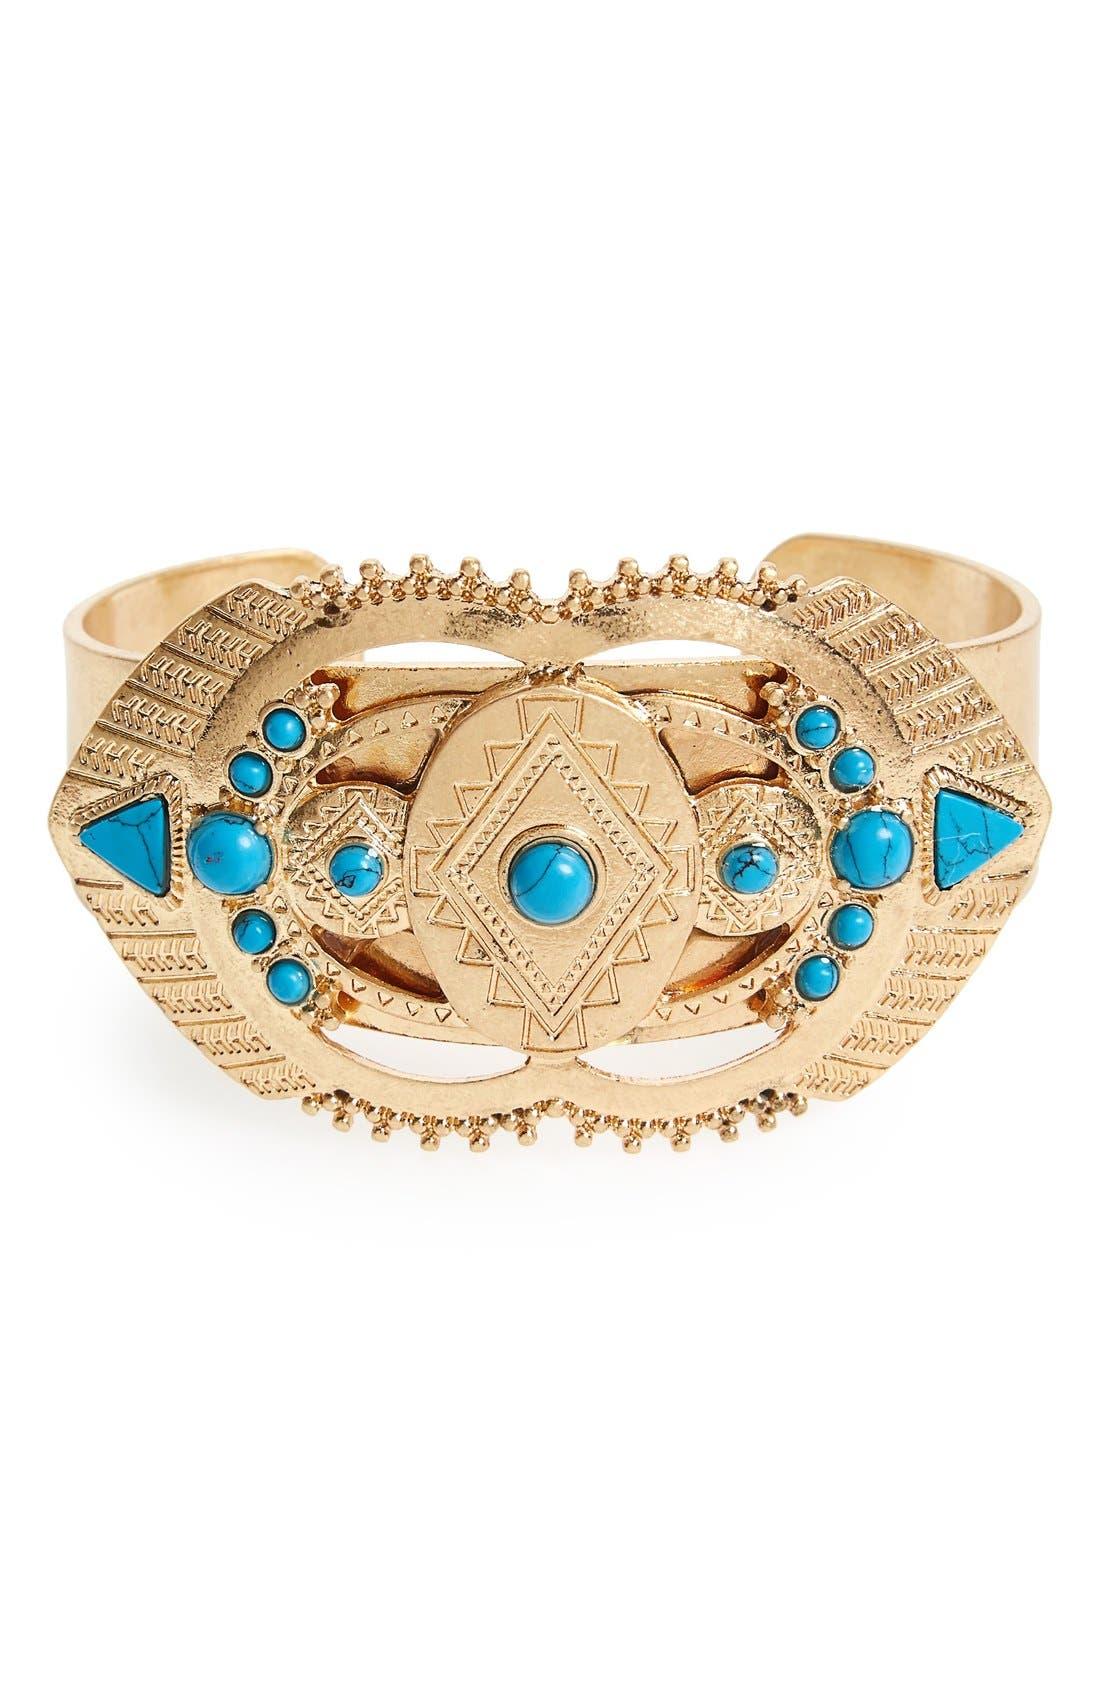 Main Image - Danielle Nicole 'Dream' Reconstituted Turquoise Cuff